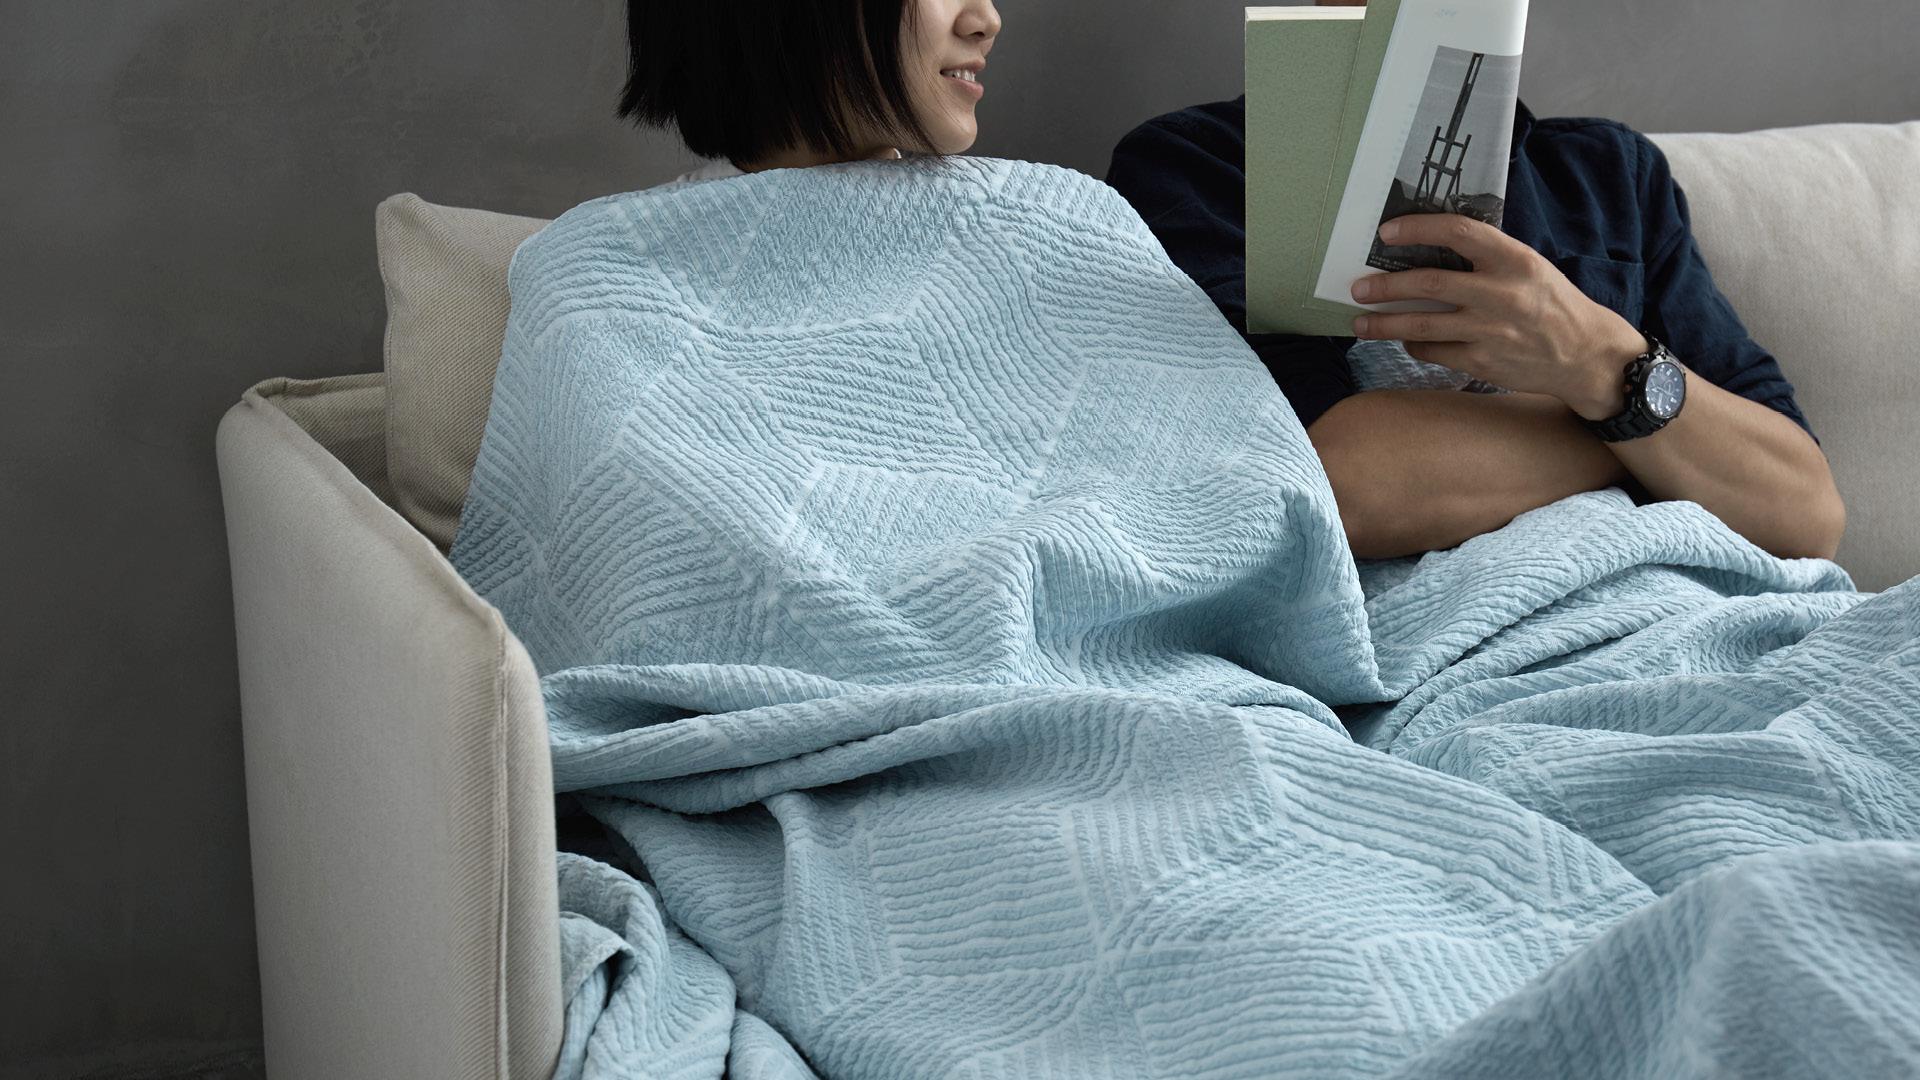 大号双人毯,赠给你们的甜蜜时刻